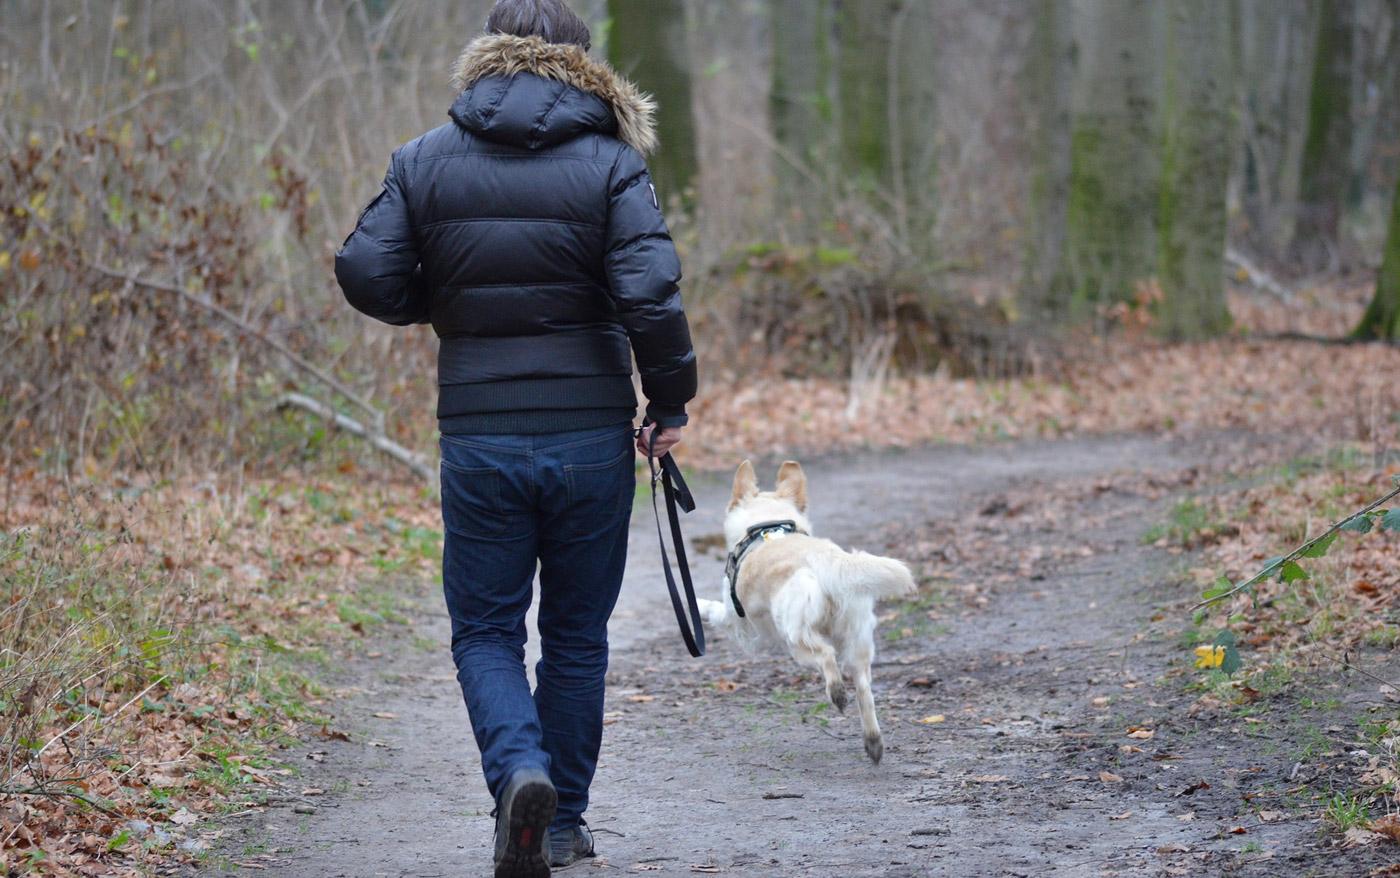 Dein Hund interessiert sich draußen nicht für Dich? Ein paar kleine Tipps…